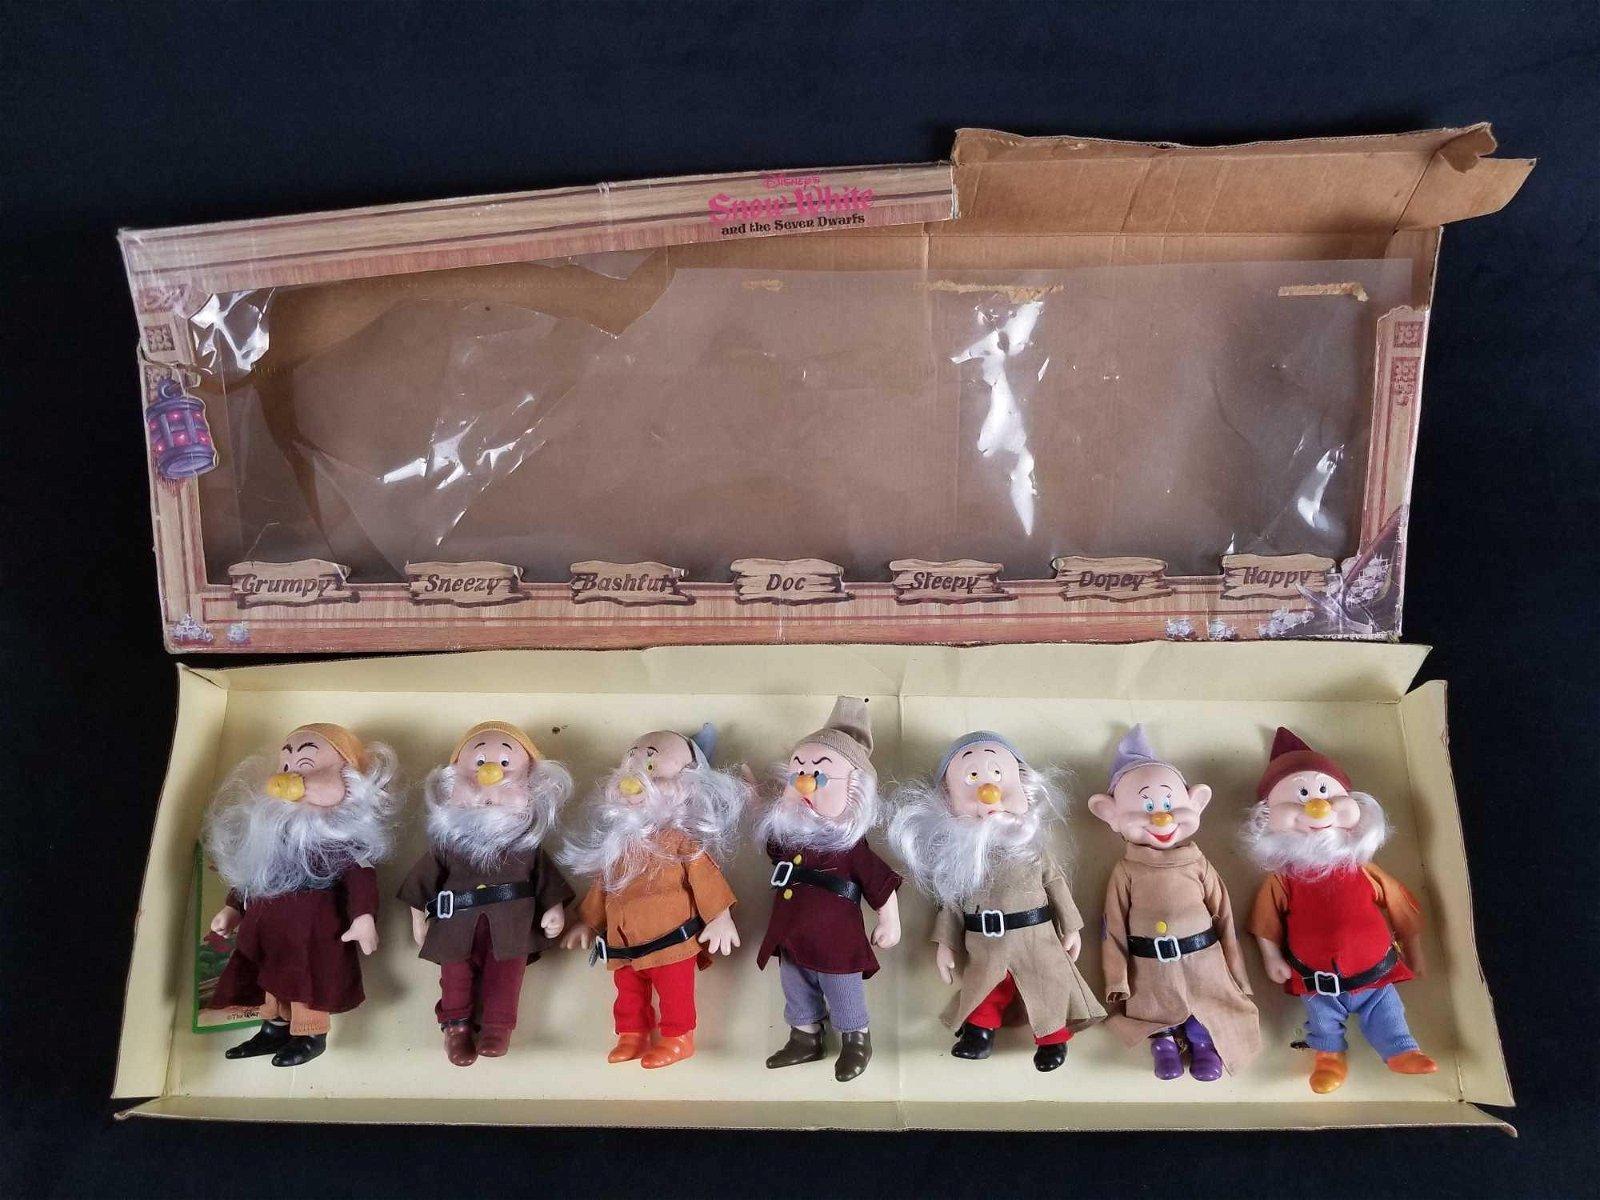 Vintage Snow White Seven Dwarfs Toy Dolls Figures Bikin